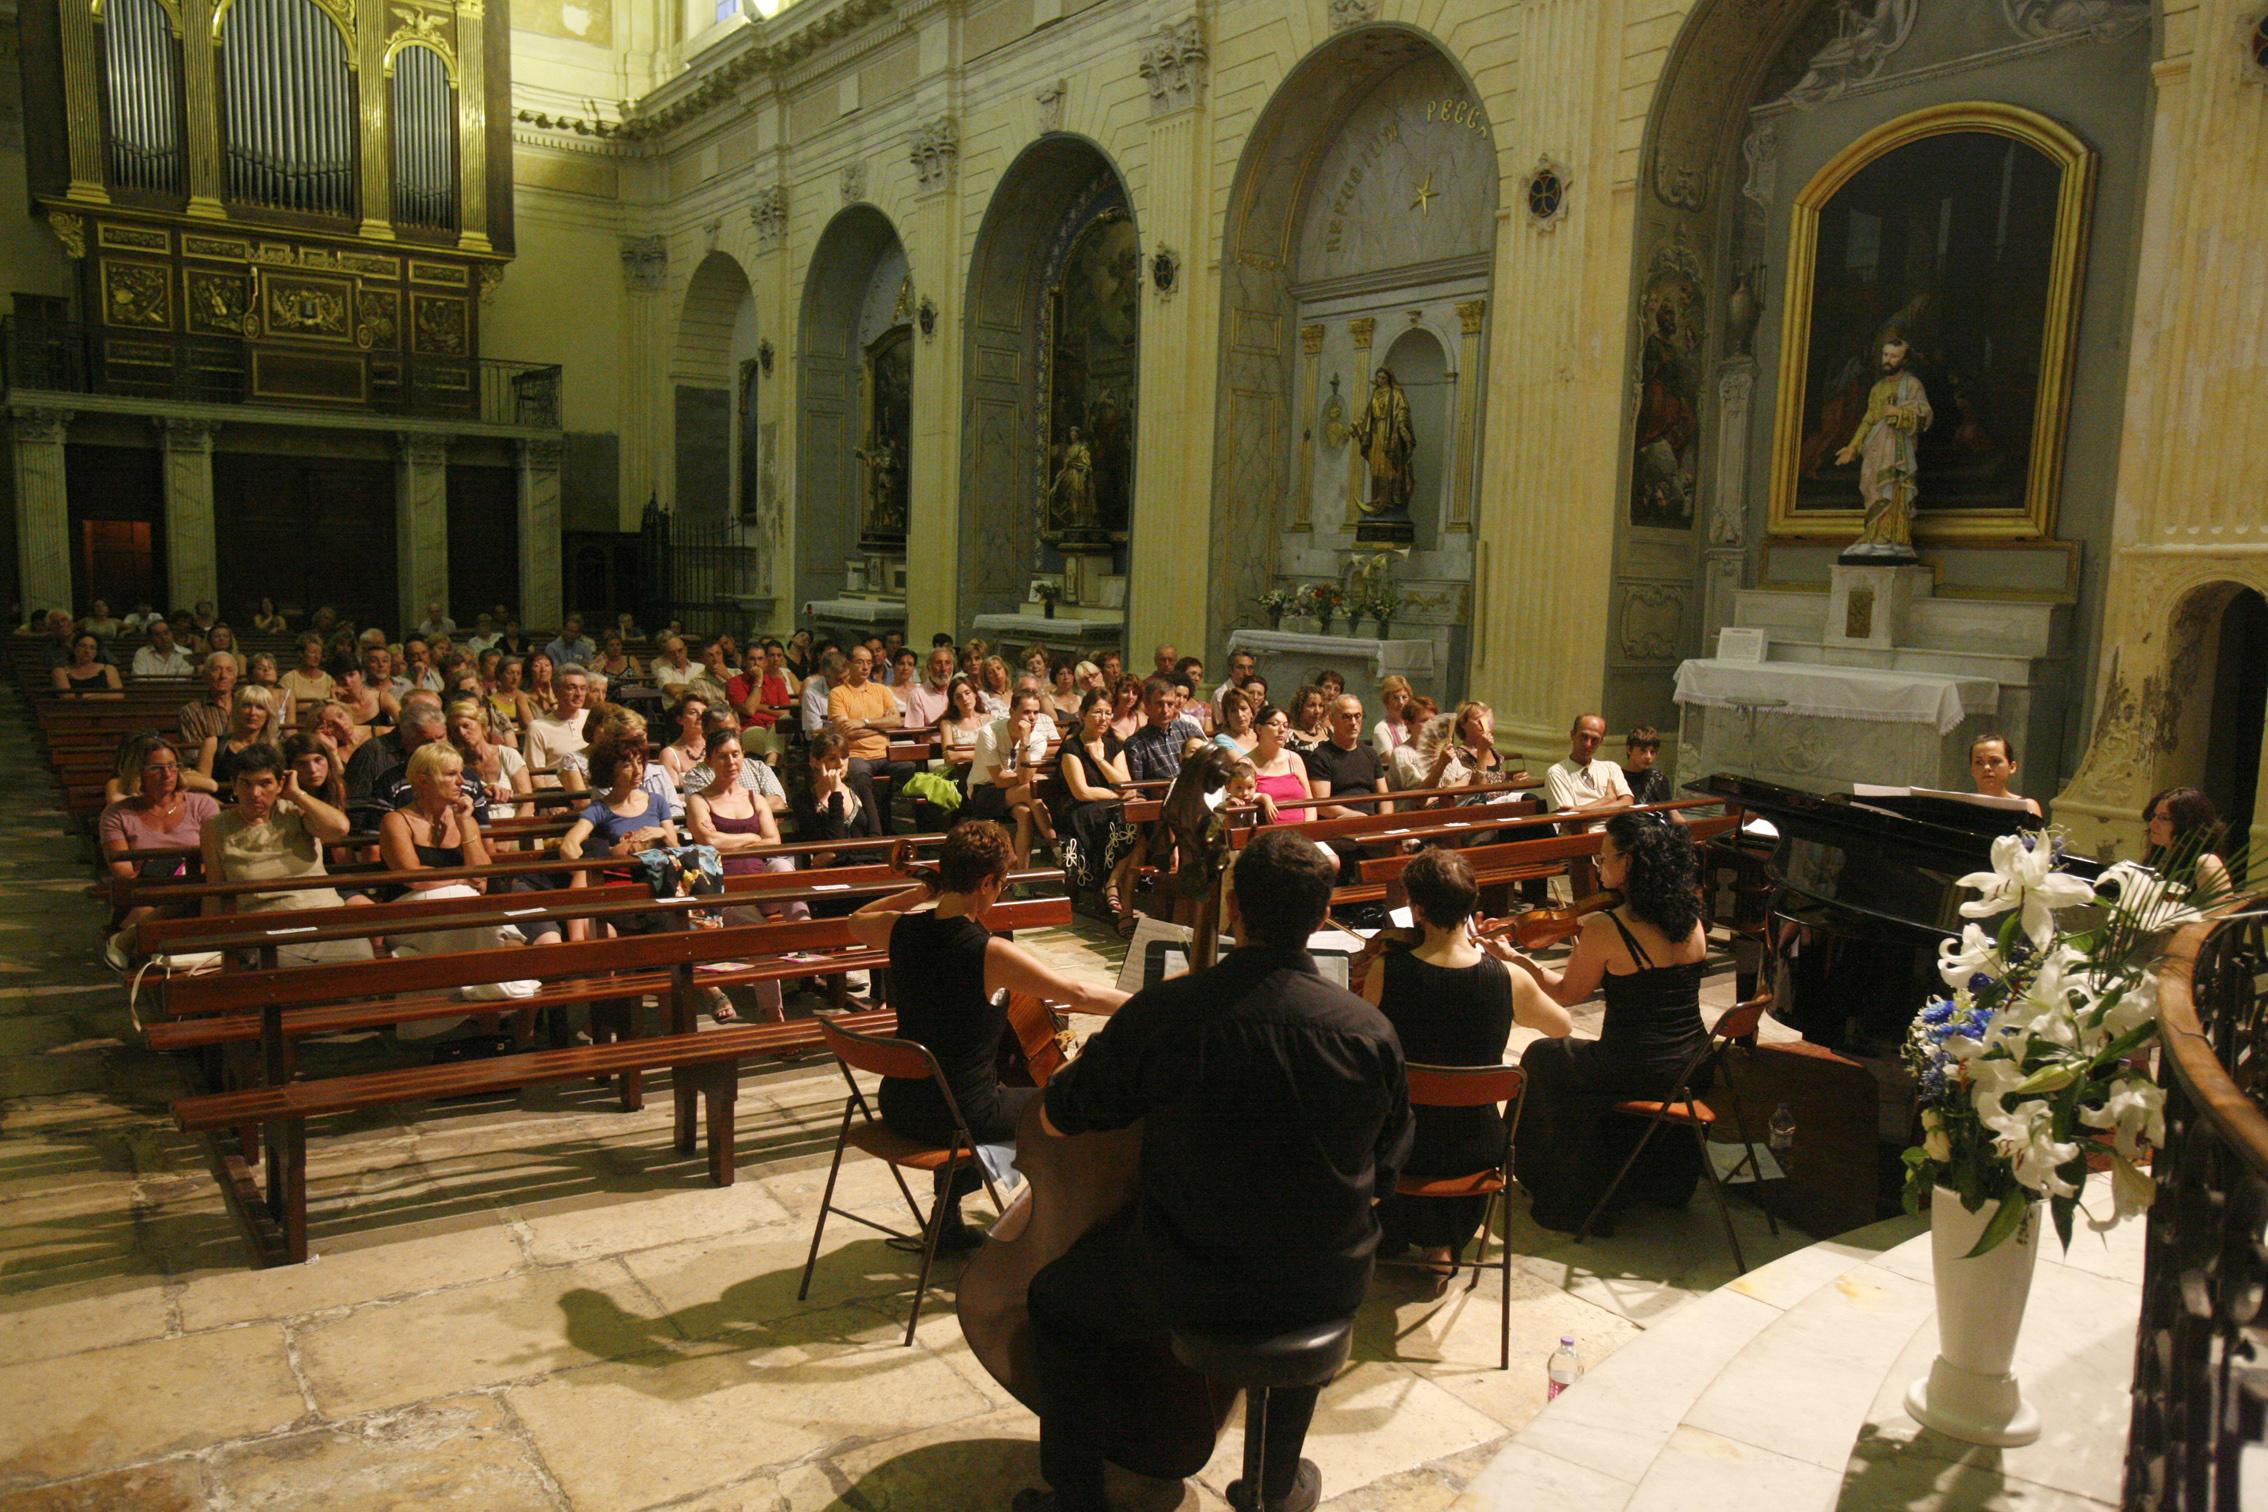 Musique martigues festival de musique for Chambre de musique